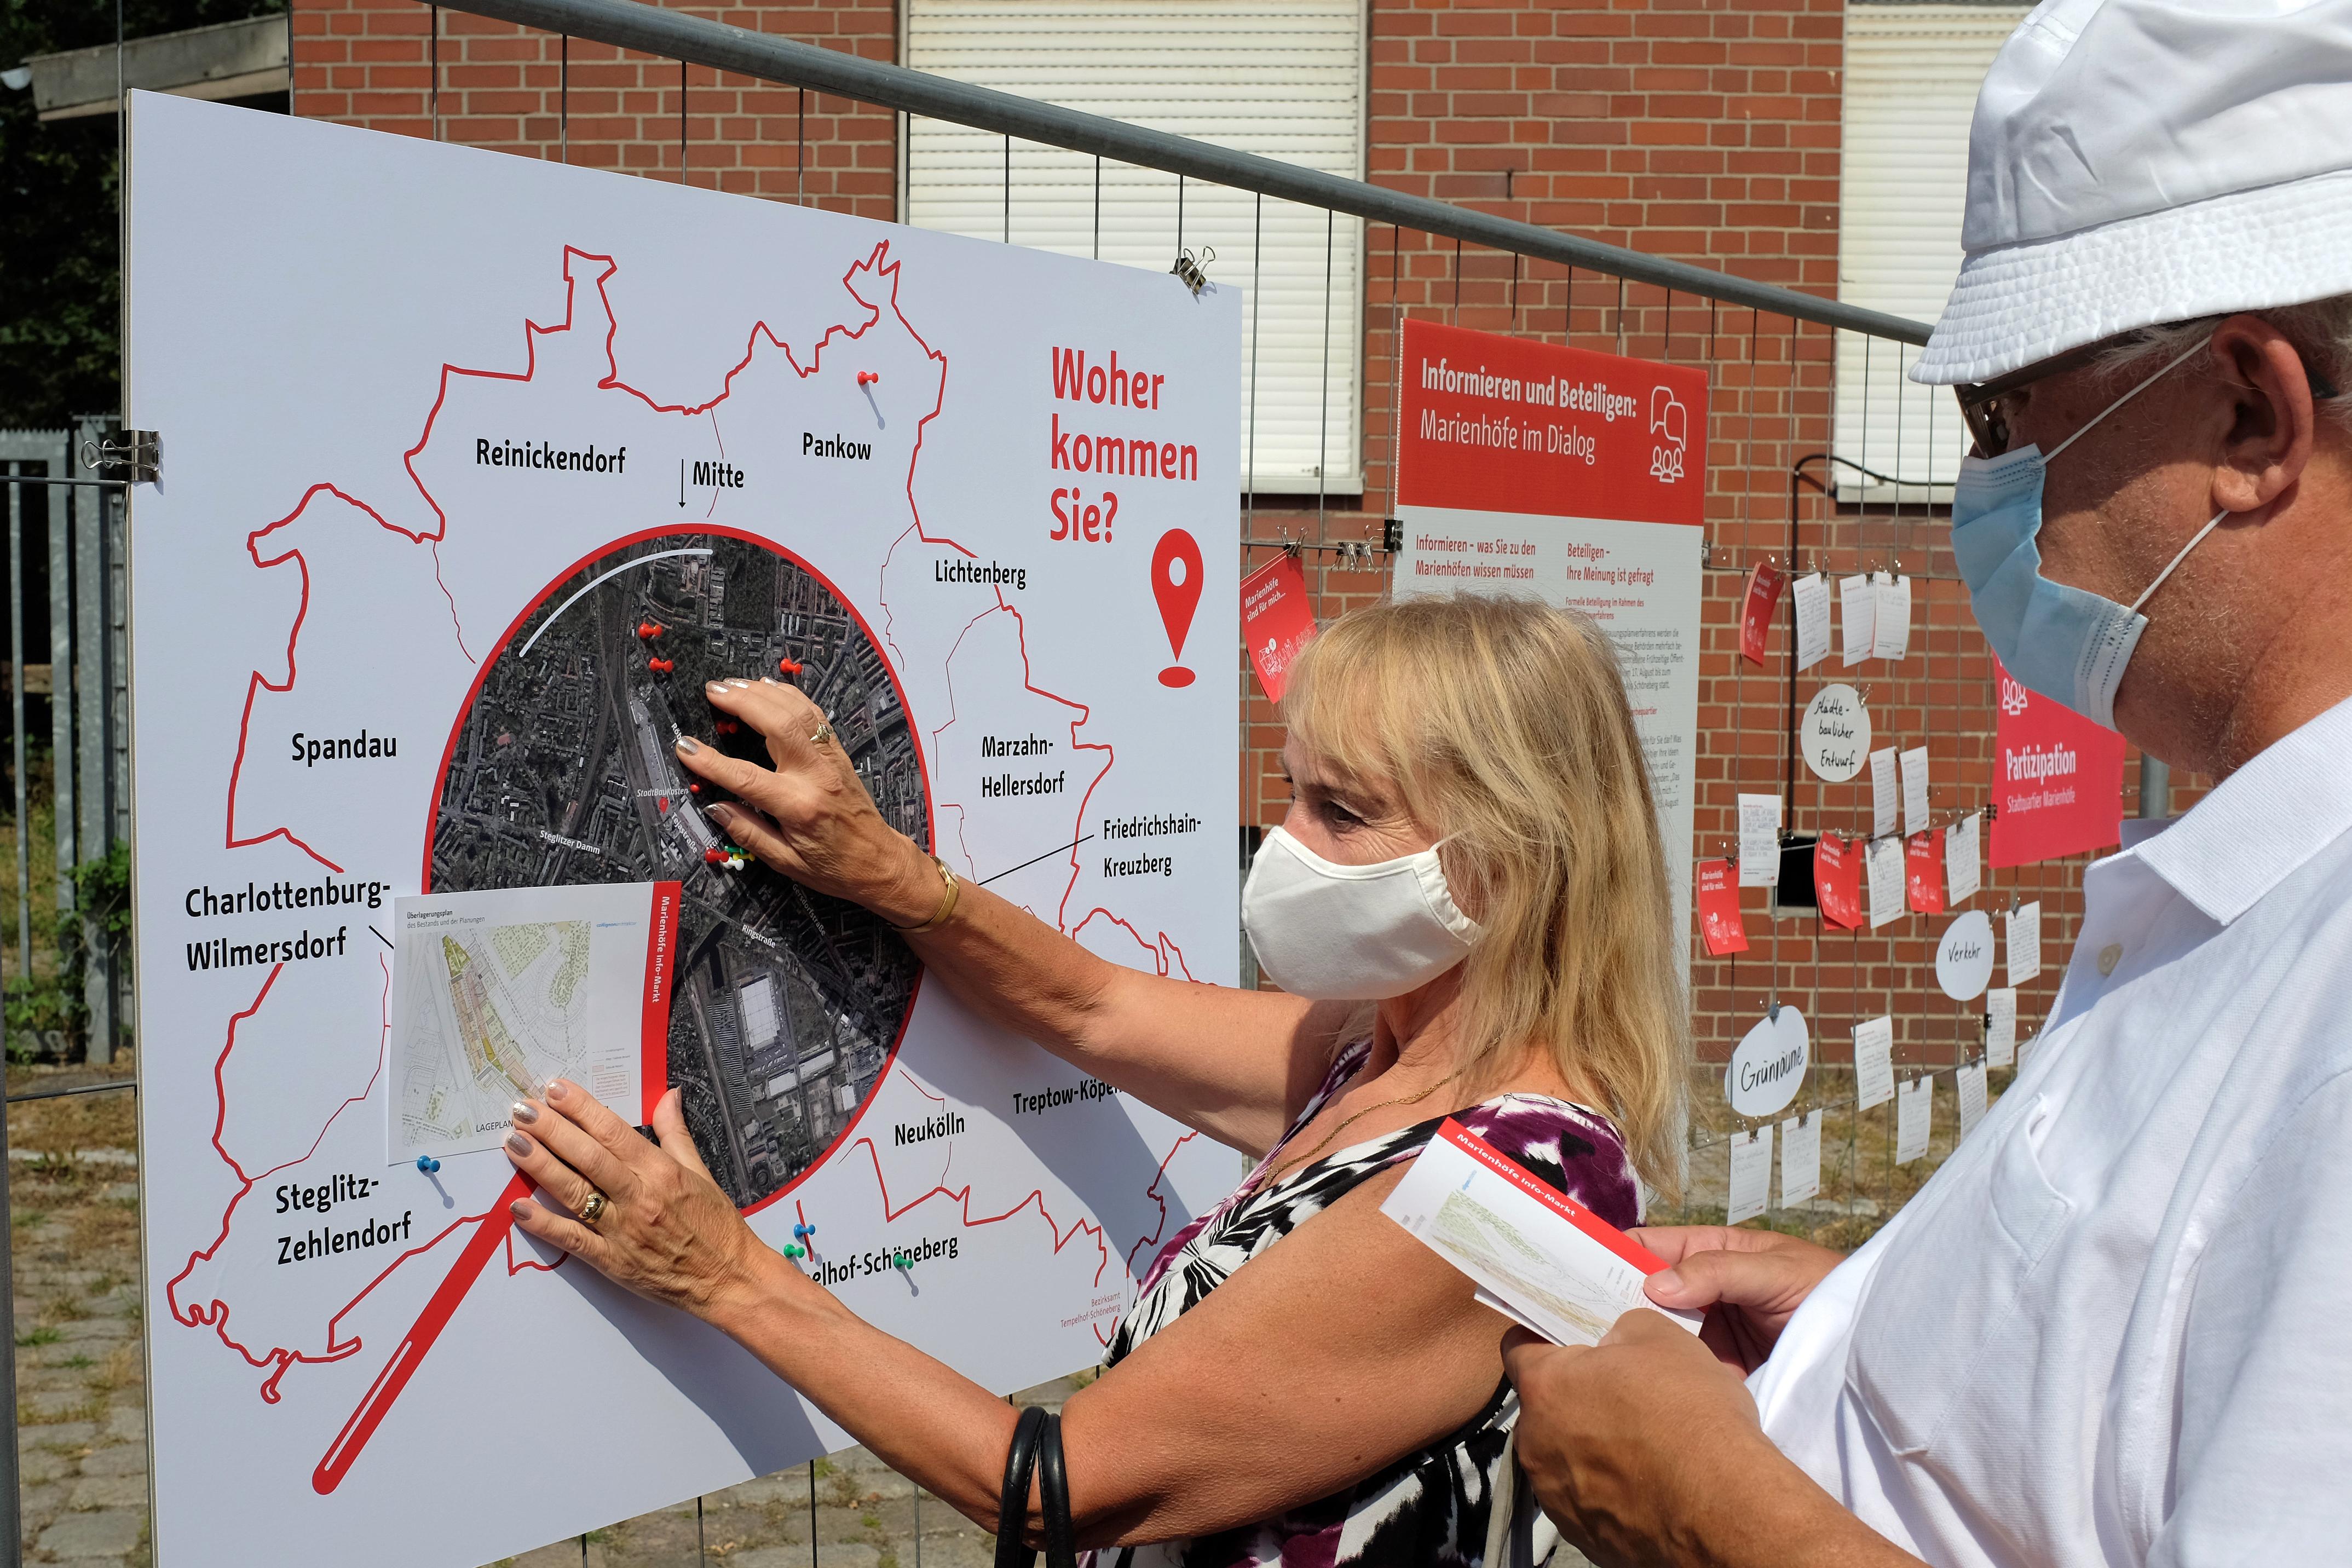 Besucher*innen markieren ihre Wohnorte